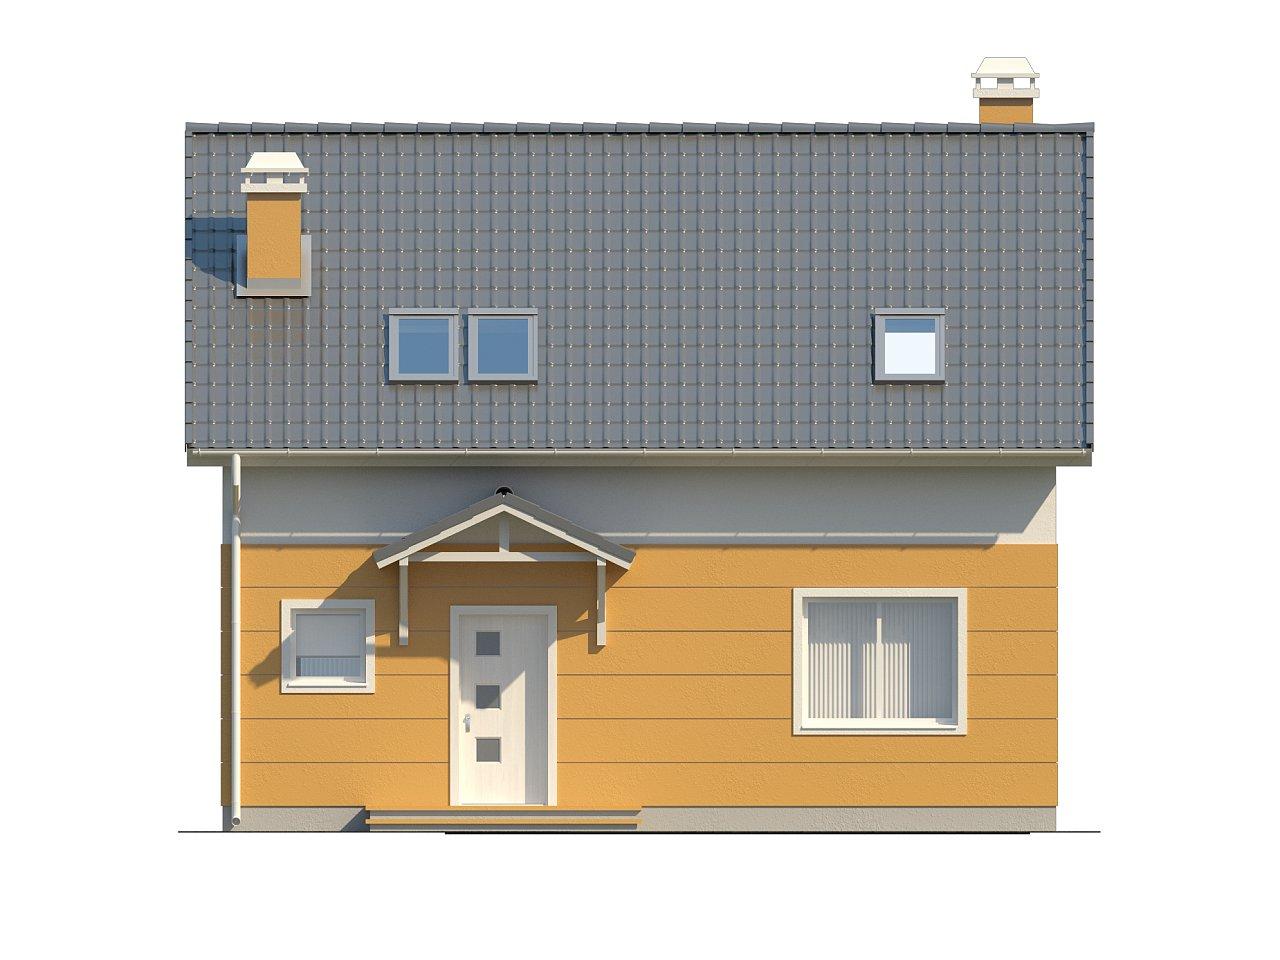 Стильный дом с мансардным окном и балконом, а также кухней со стороны сада. 3